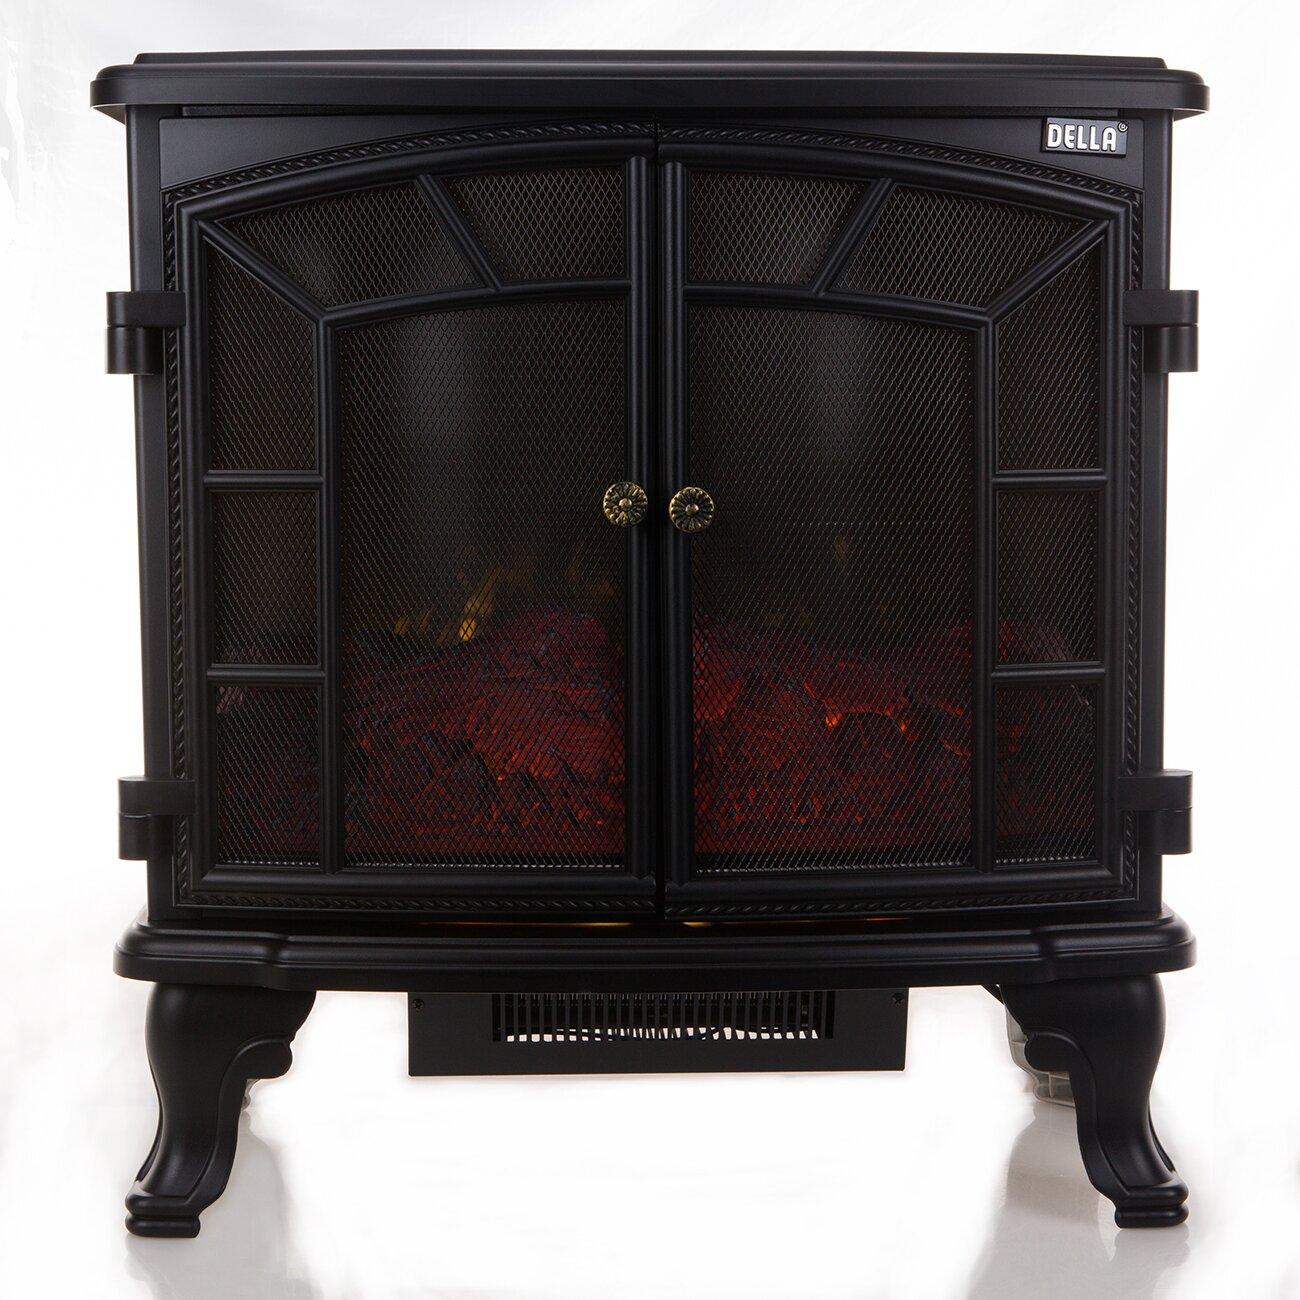 Della Free Standing Electric Fireplace - Della Free Standing Electric Fireplace & Reviews Wayfair